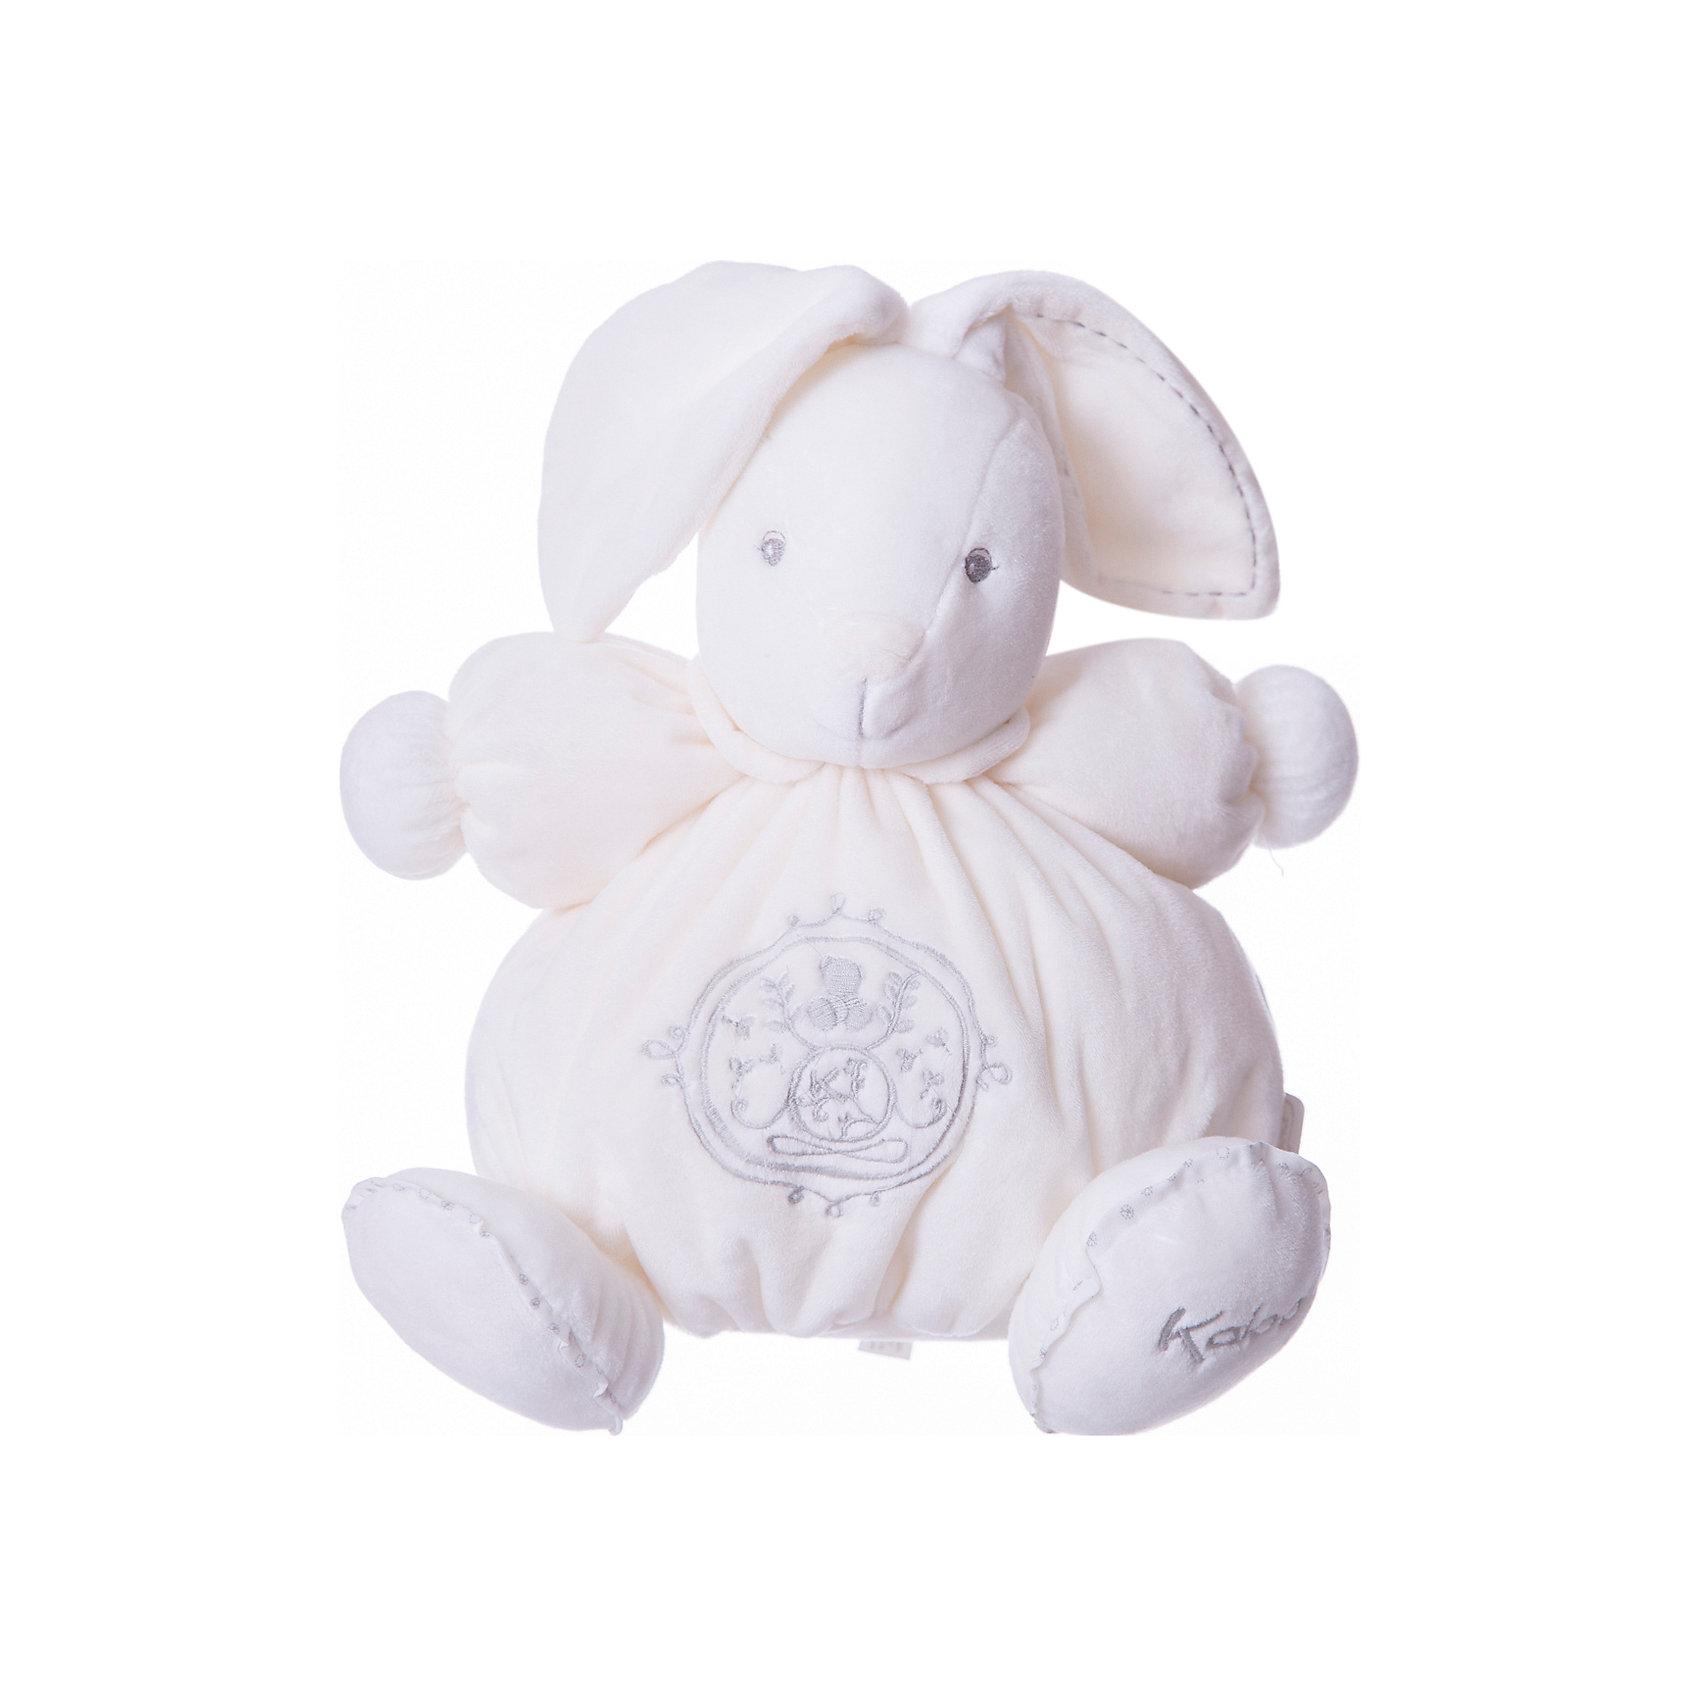 Заяц средний кремовый, коллекция Жемчуг, KalooЗайцы и кролики<br>Мягкий зайчонок Kaloo – симпатичная игрушка нежно кремового цвета с красивой вышивкой, отлично подойдет в качестве приятного подарка для ребенка.<br>Игрушка выполнена из мягкого материала, который приятен на ощупь и мягок.<br><br>Дополнительная информация:<br><br>-Материал: ткань, искусственный мех<br>-Высота игрушки: 25 см<br>-Вес: 0.3 кг<br>-Размер упаковки: диаметр 22 см<br><br>Среднего кремового зайца, коллекции Жемчуг, Kaloo можно купить в нашем интернет-магазине.<br><br>Ширина мм: 285<br>Глубина мм: 50<br>Высота мм: 285<br>Вес г: 400<br>Возраст от месяцев: 0<br>Возраст до месяцев: 1188<br>Пол: Унисекс<br>Возраст: Детский<br>SKU: 4862336